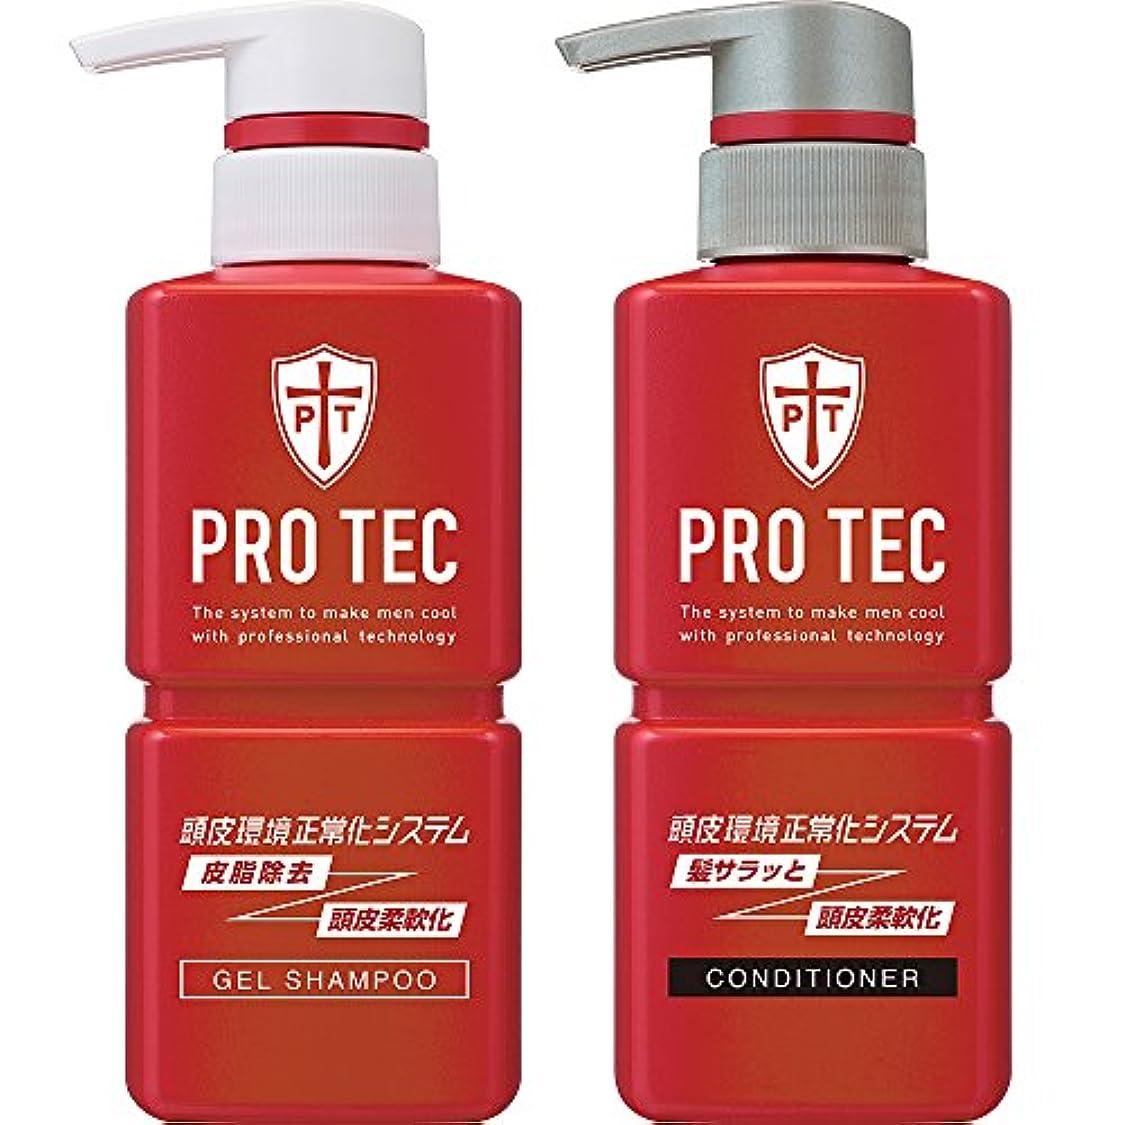 長々と農奴バスPRO TEC(プロテク) 頭皮ストレッチ シャンプー ポンプ 300g(医薬部外品)+ コンディショナー ポンプ 300g